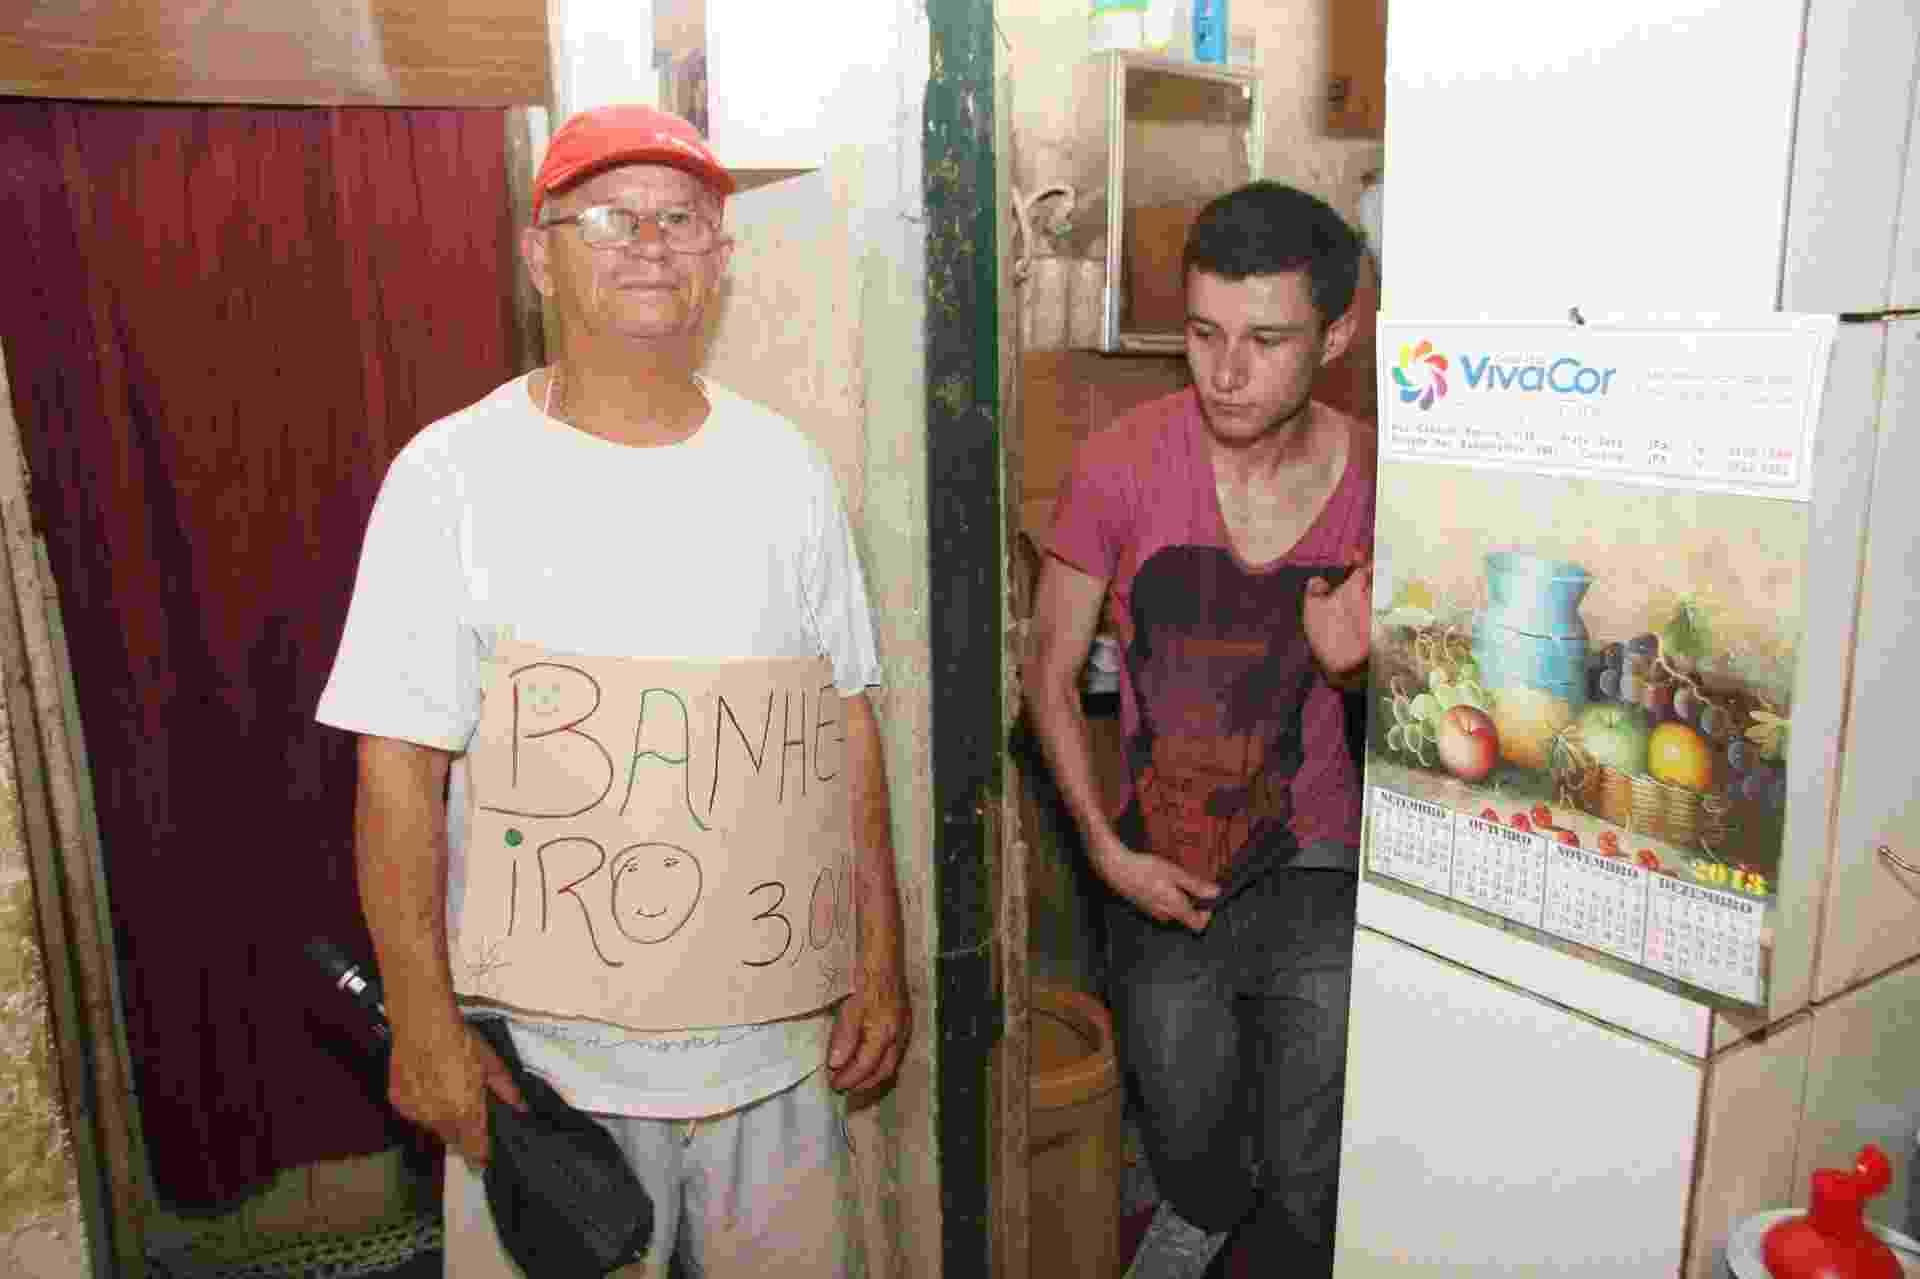 14.set.2013 - O jardineiro Jorge Carlos de Azevedo, mais conhecido como Ferrugem, cobra R$ 3 pelo uso do banheiro em sua casa, próxima à fila do portão principal do Rock in Rio. - Zulmair Rocha/UOL